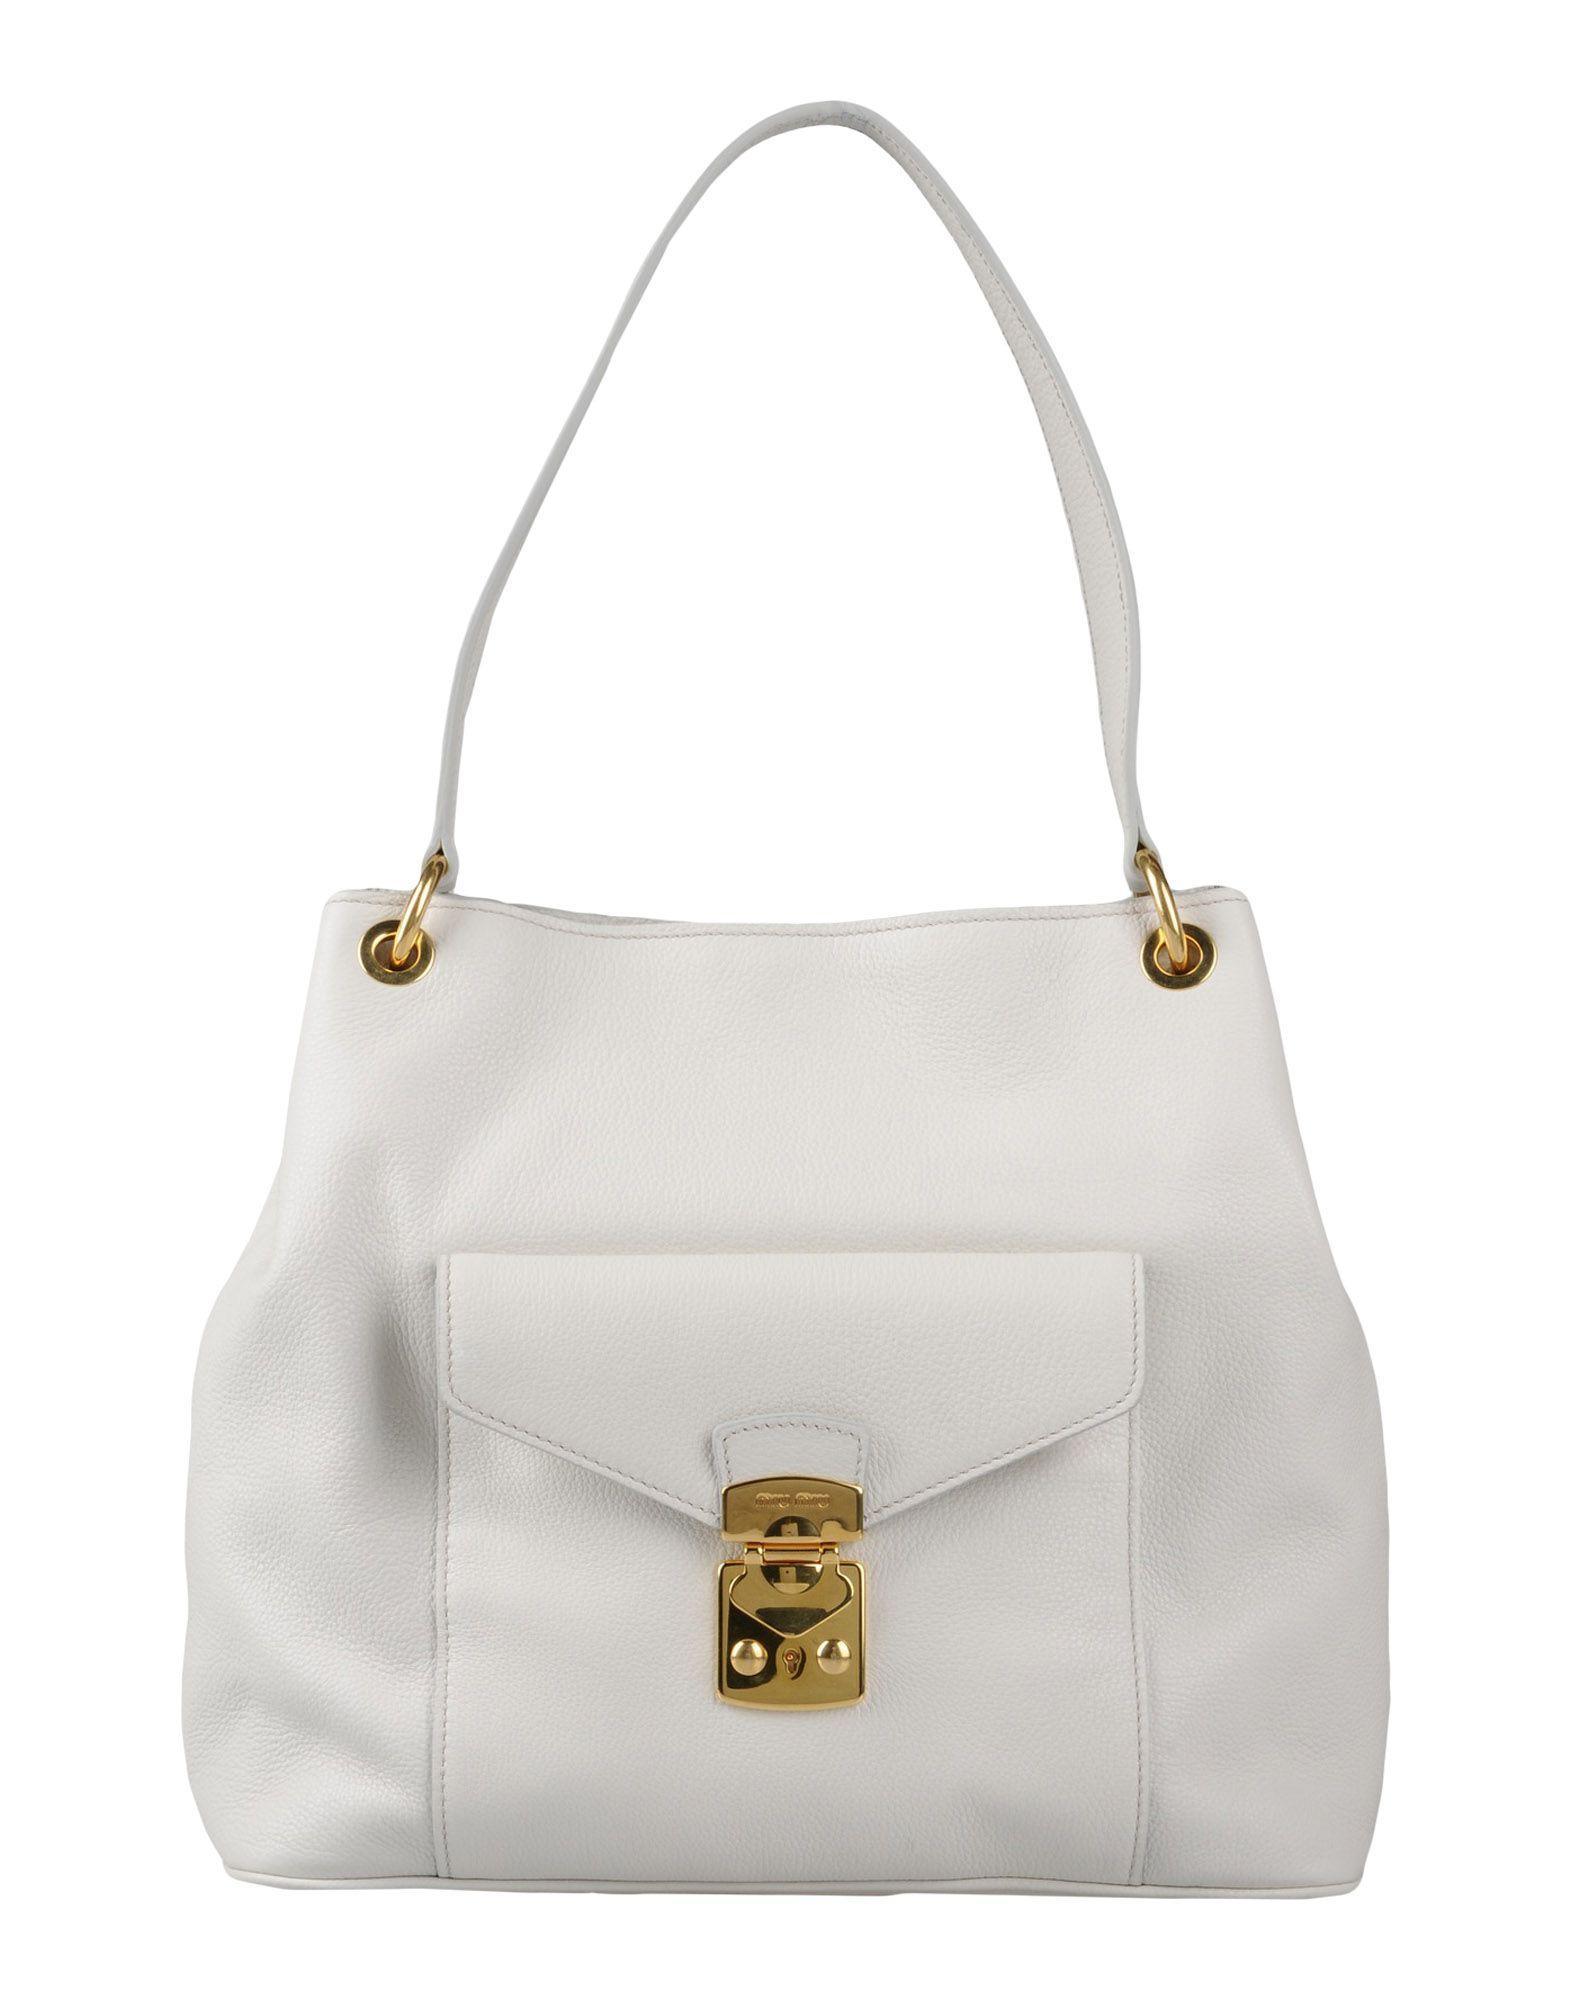 72386a9d0ab9 Miu Miu Handbag In White